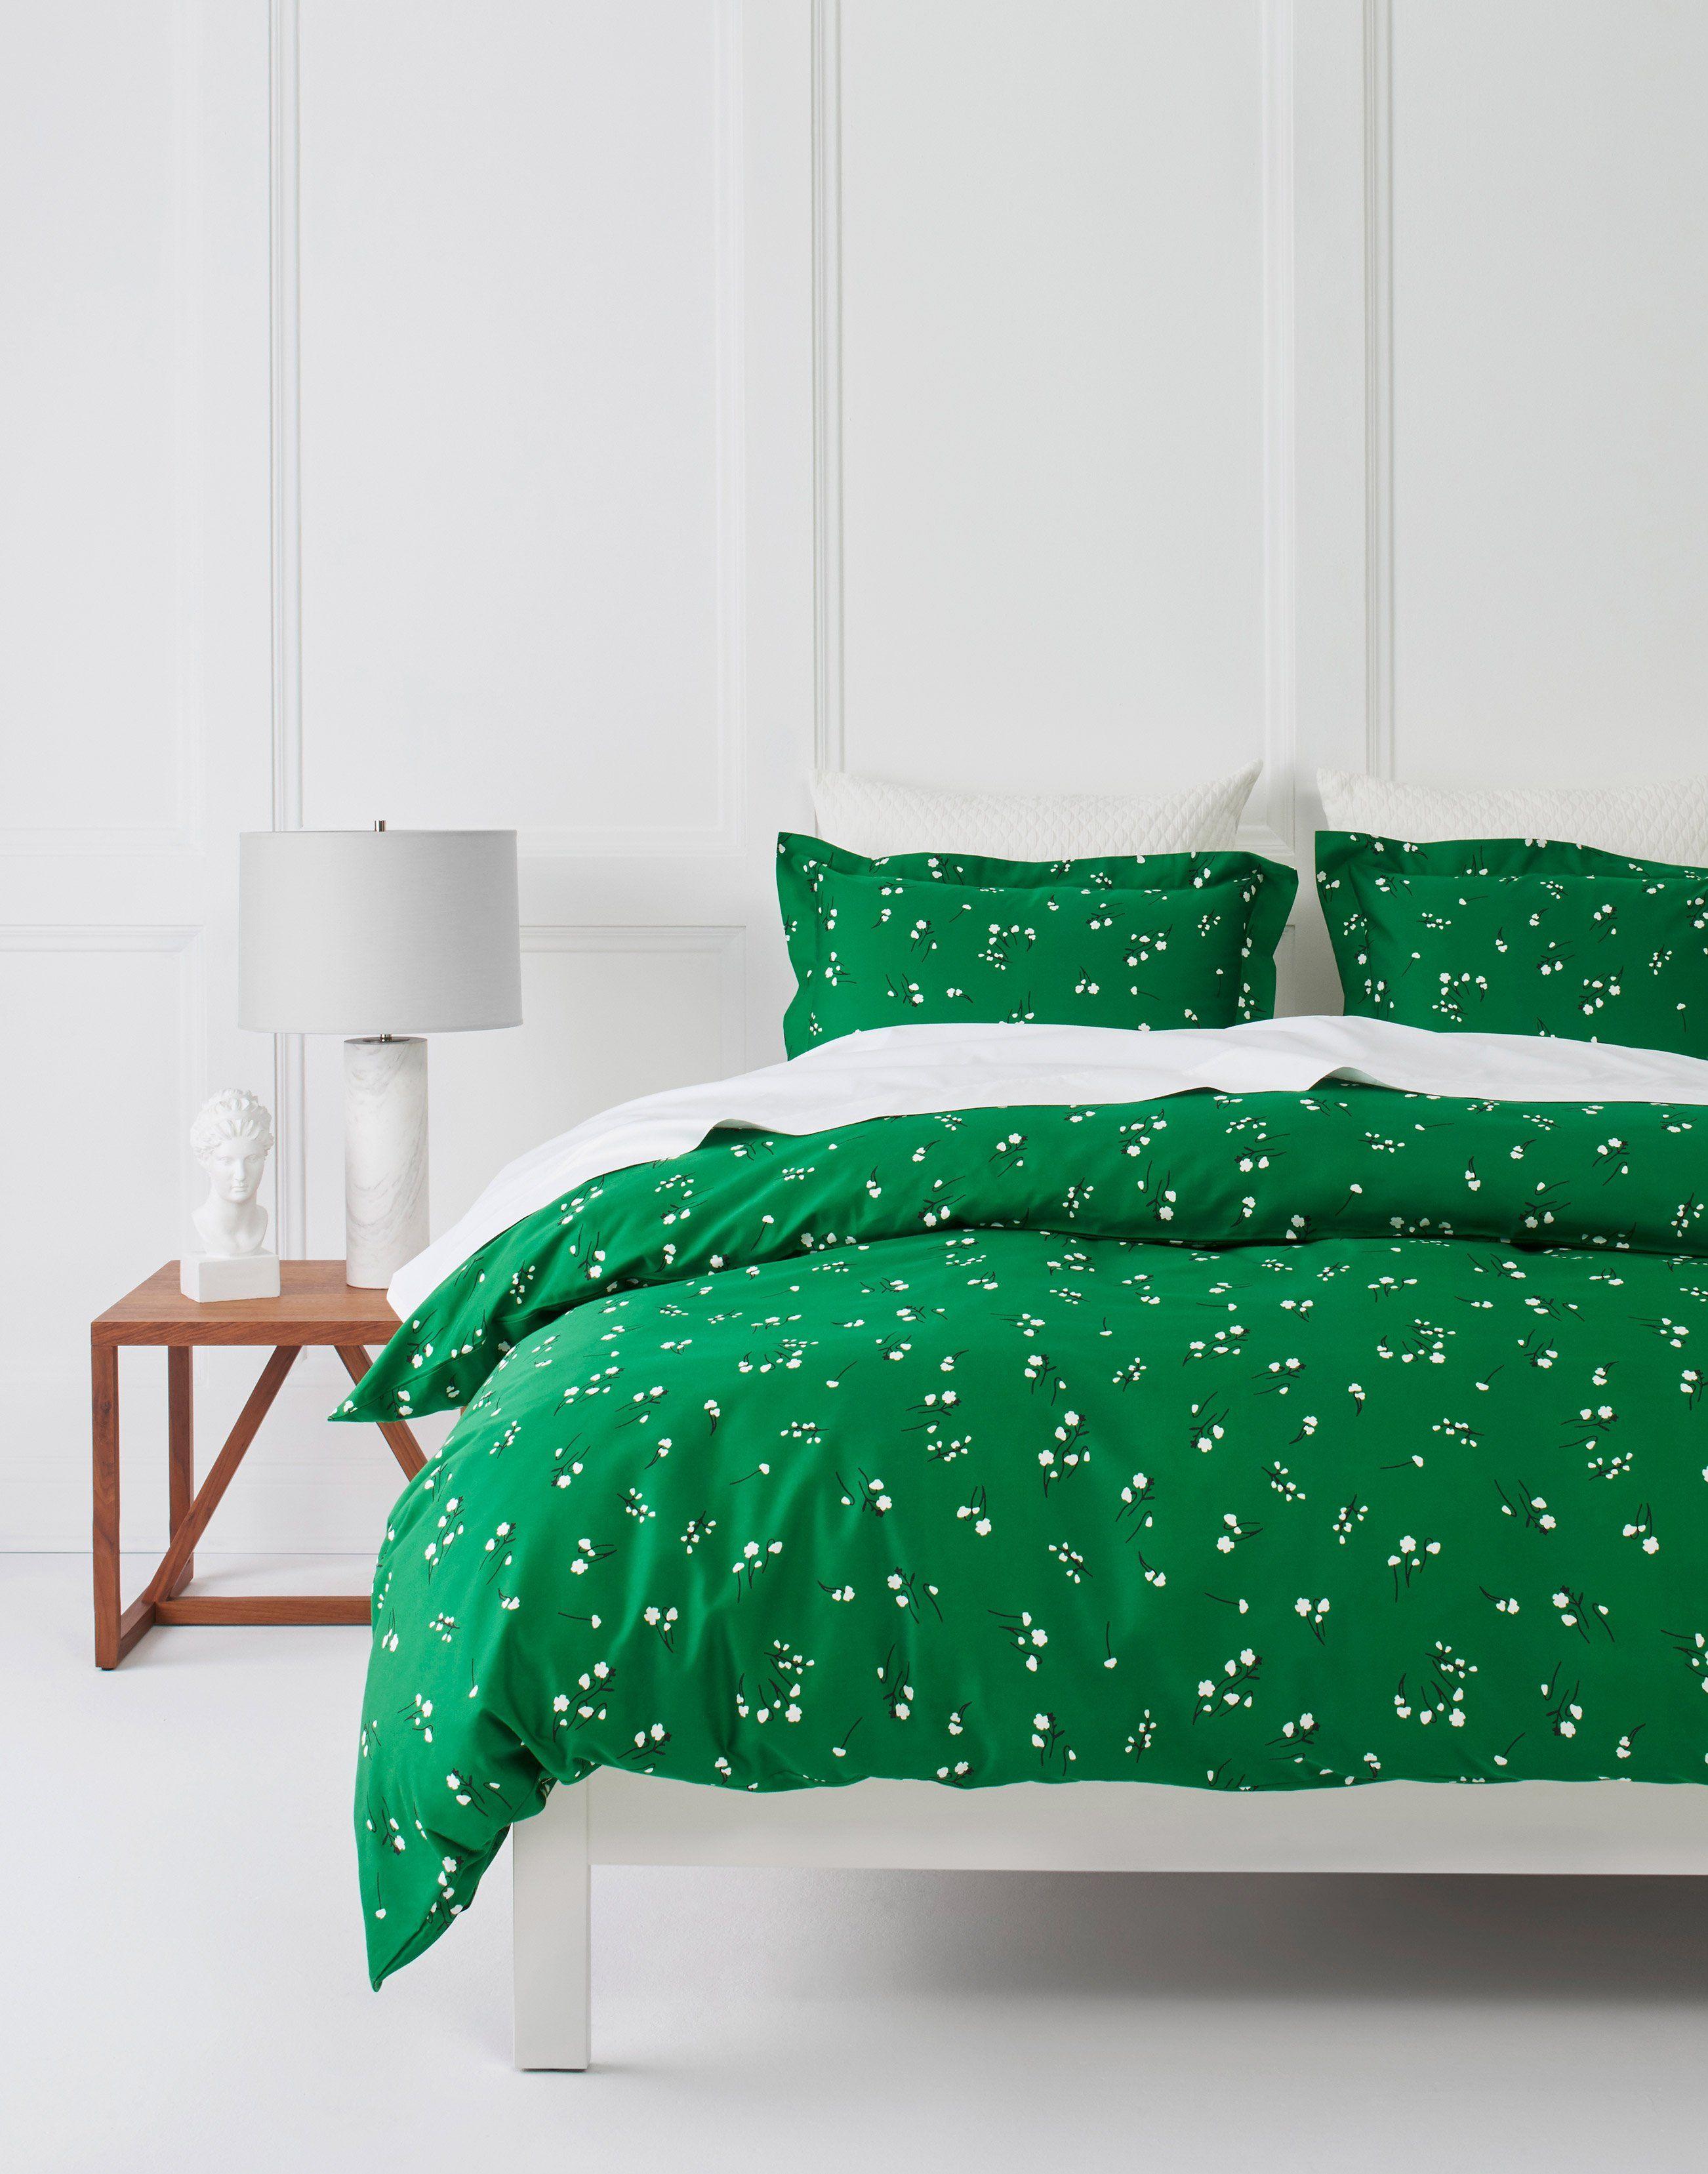 Wildflower (Emerald) Bedding, full/queen Green bed